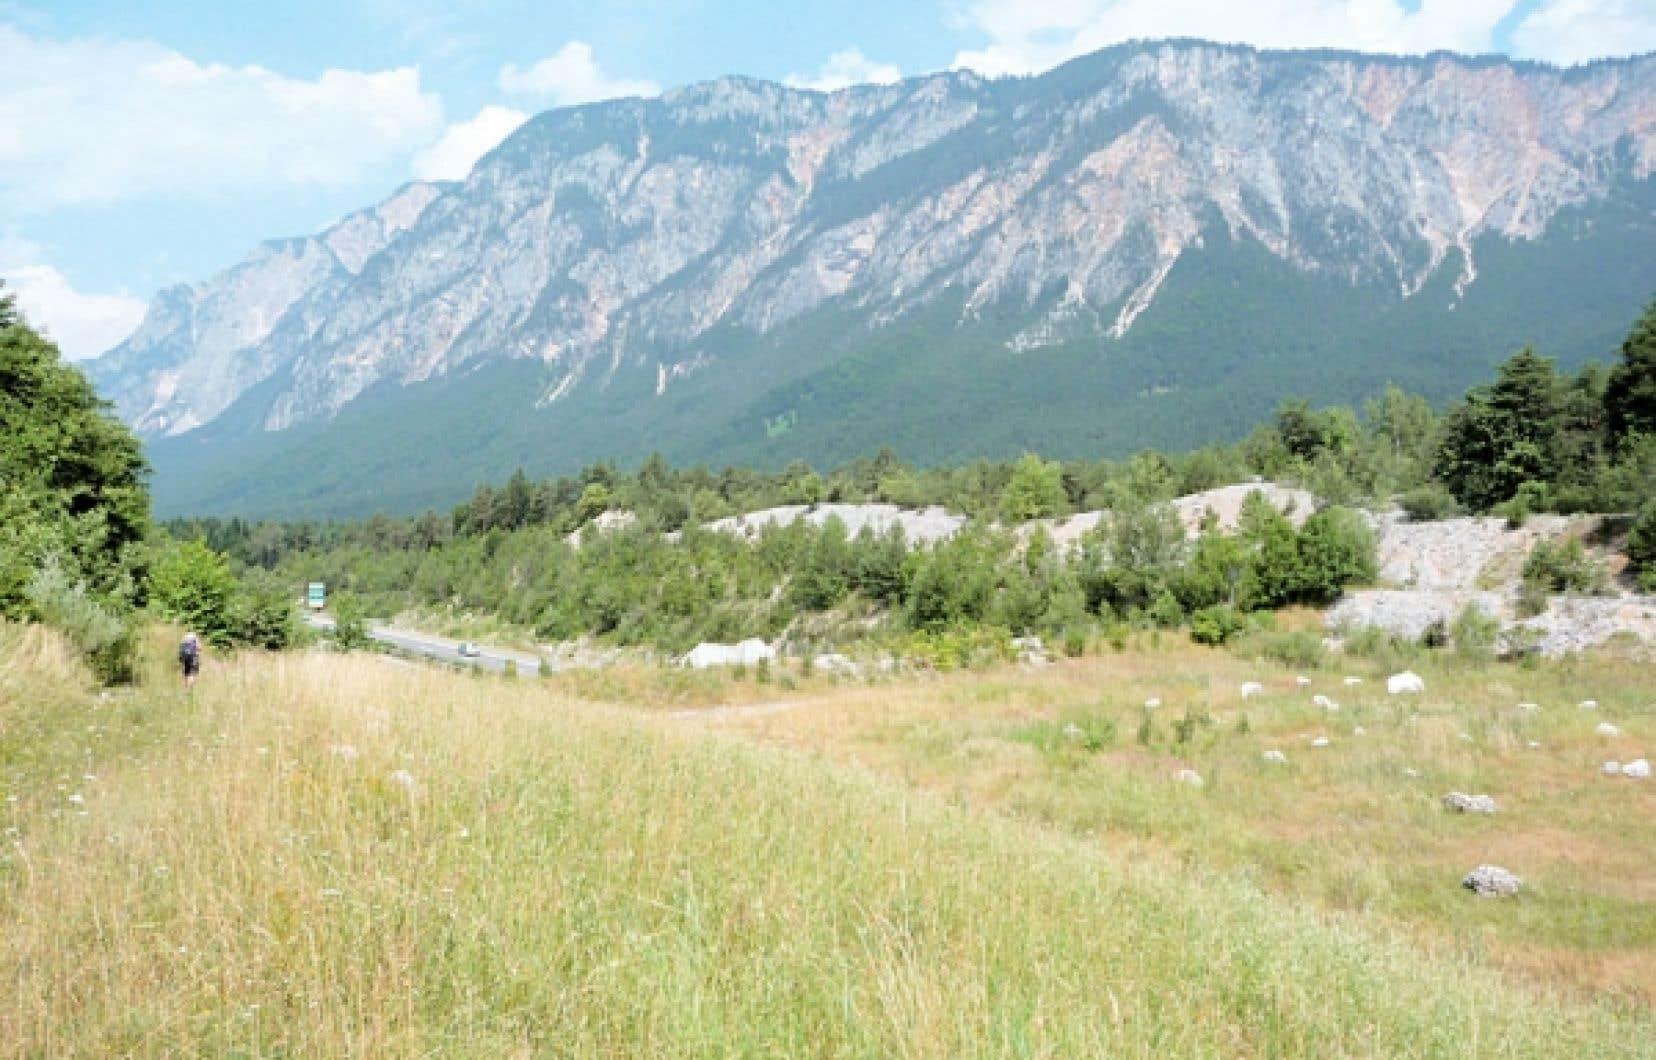 <div> C'est par ce pont de près de 100 mètres de largeur que les ours et les loups franchissent désormais l'autoroute de la ville de Drobratsh, en Autriche, pour aller repeupler les Alpes. Construit sans interrompre la circulation, ce « pont » a été totalement renaturalisé pour mieux rassurer les grands prédateurs dont on veut faciliter la réinsertion dans les Alpes.</div>